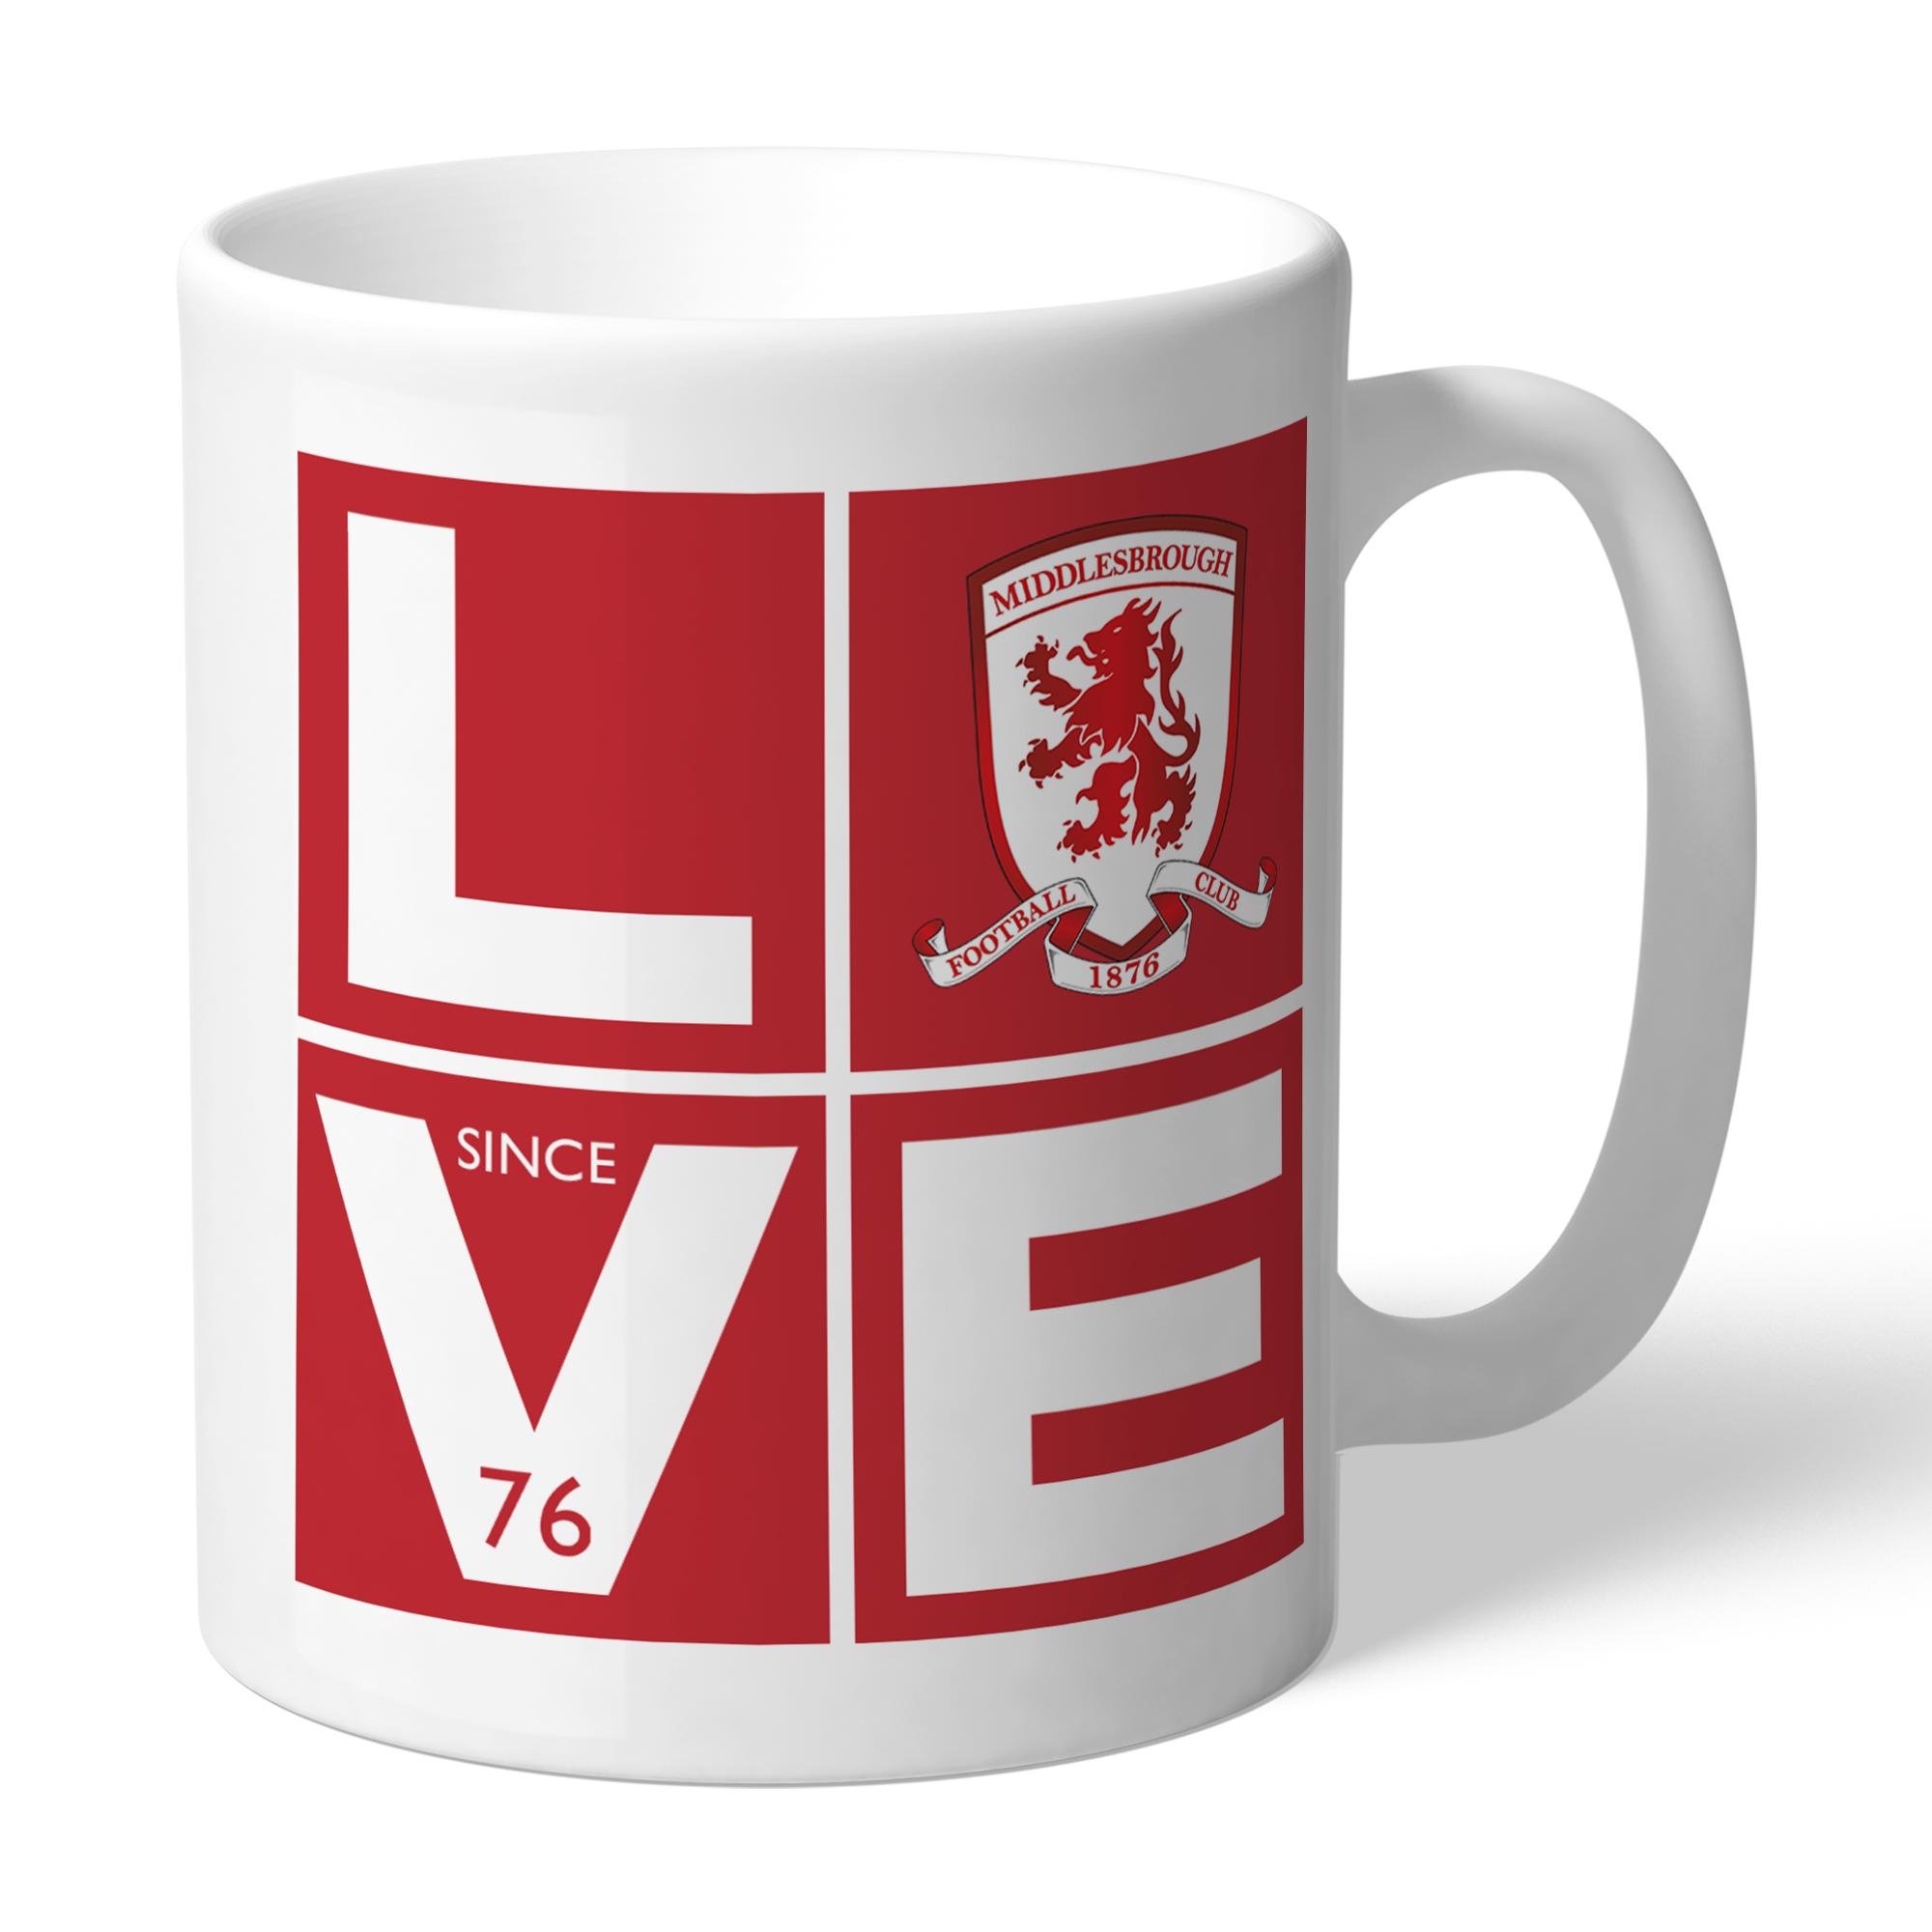 Middlesbrough Love Mug